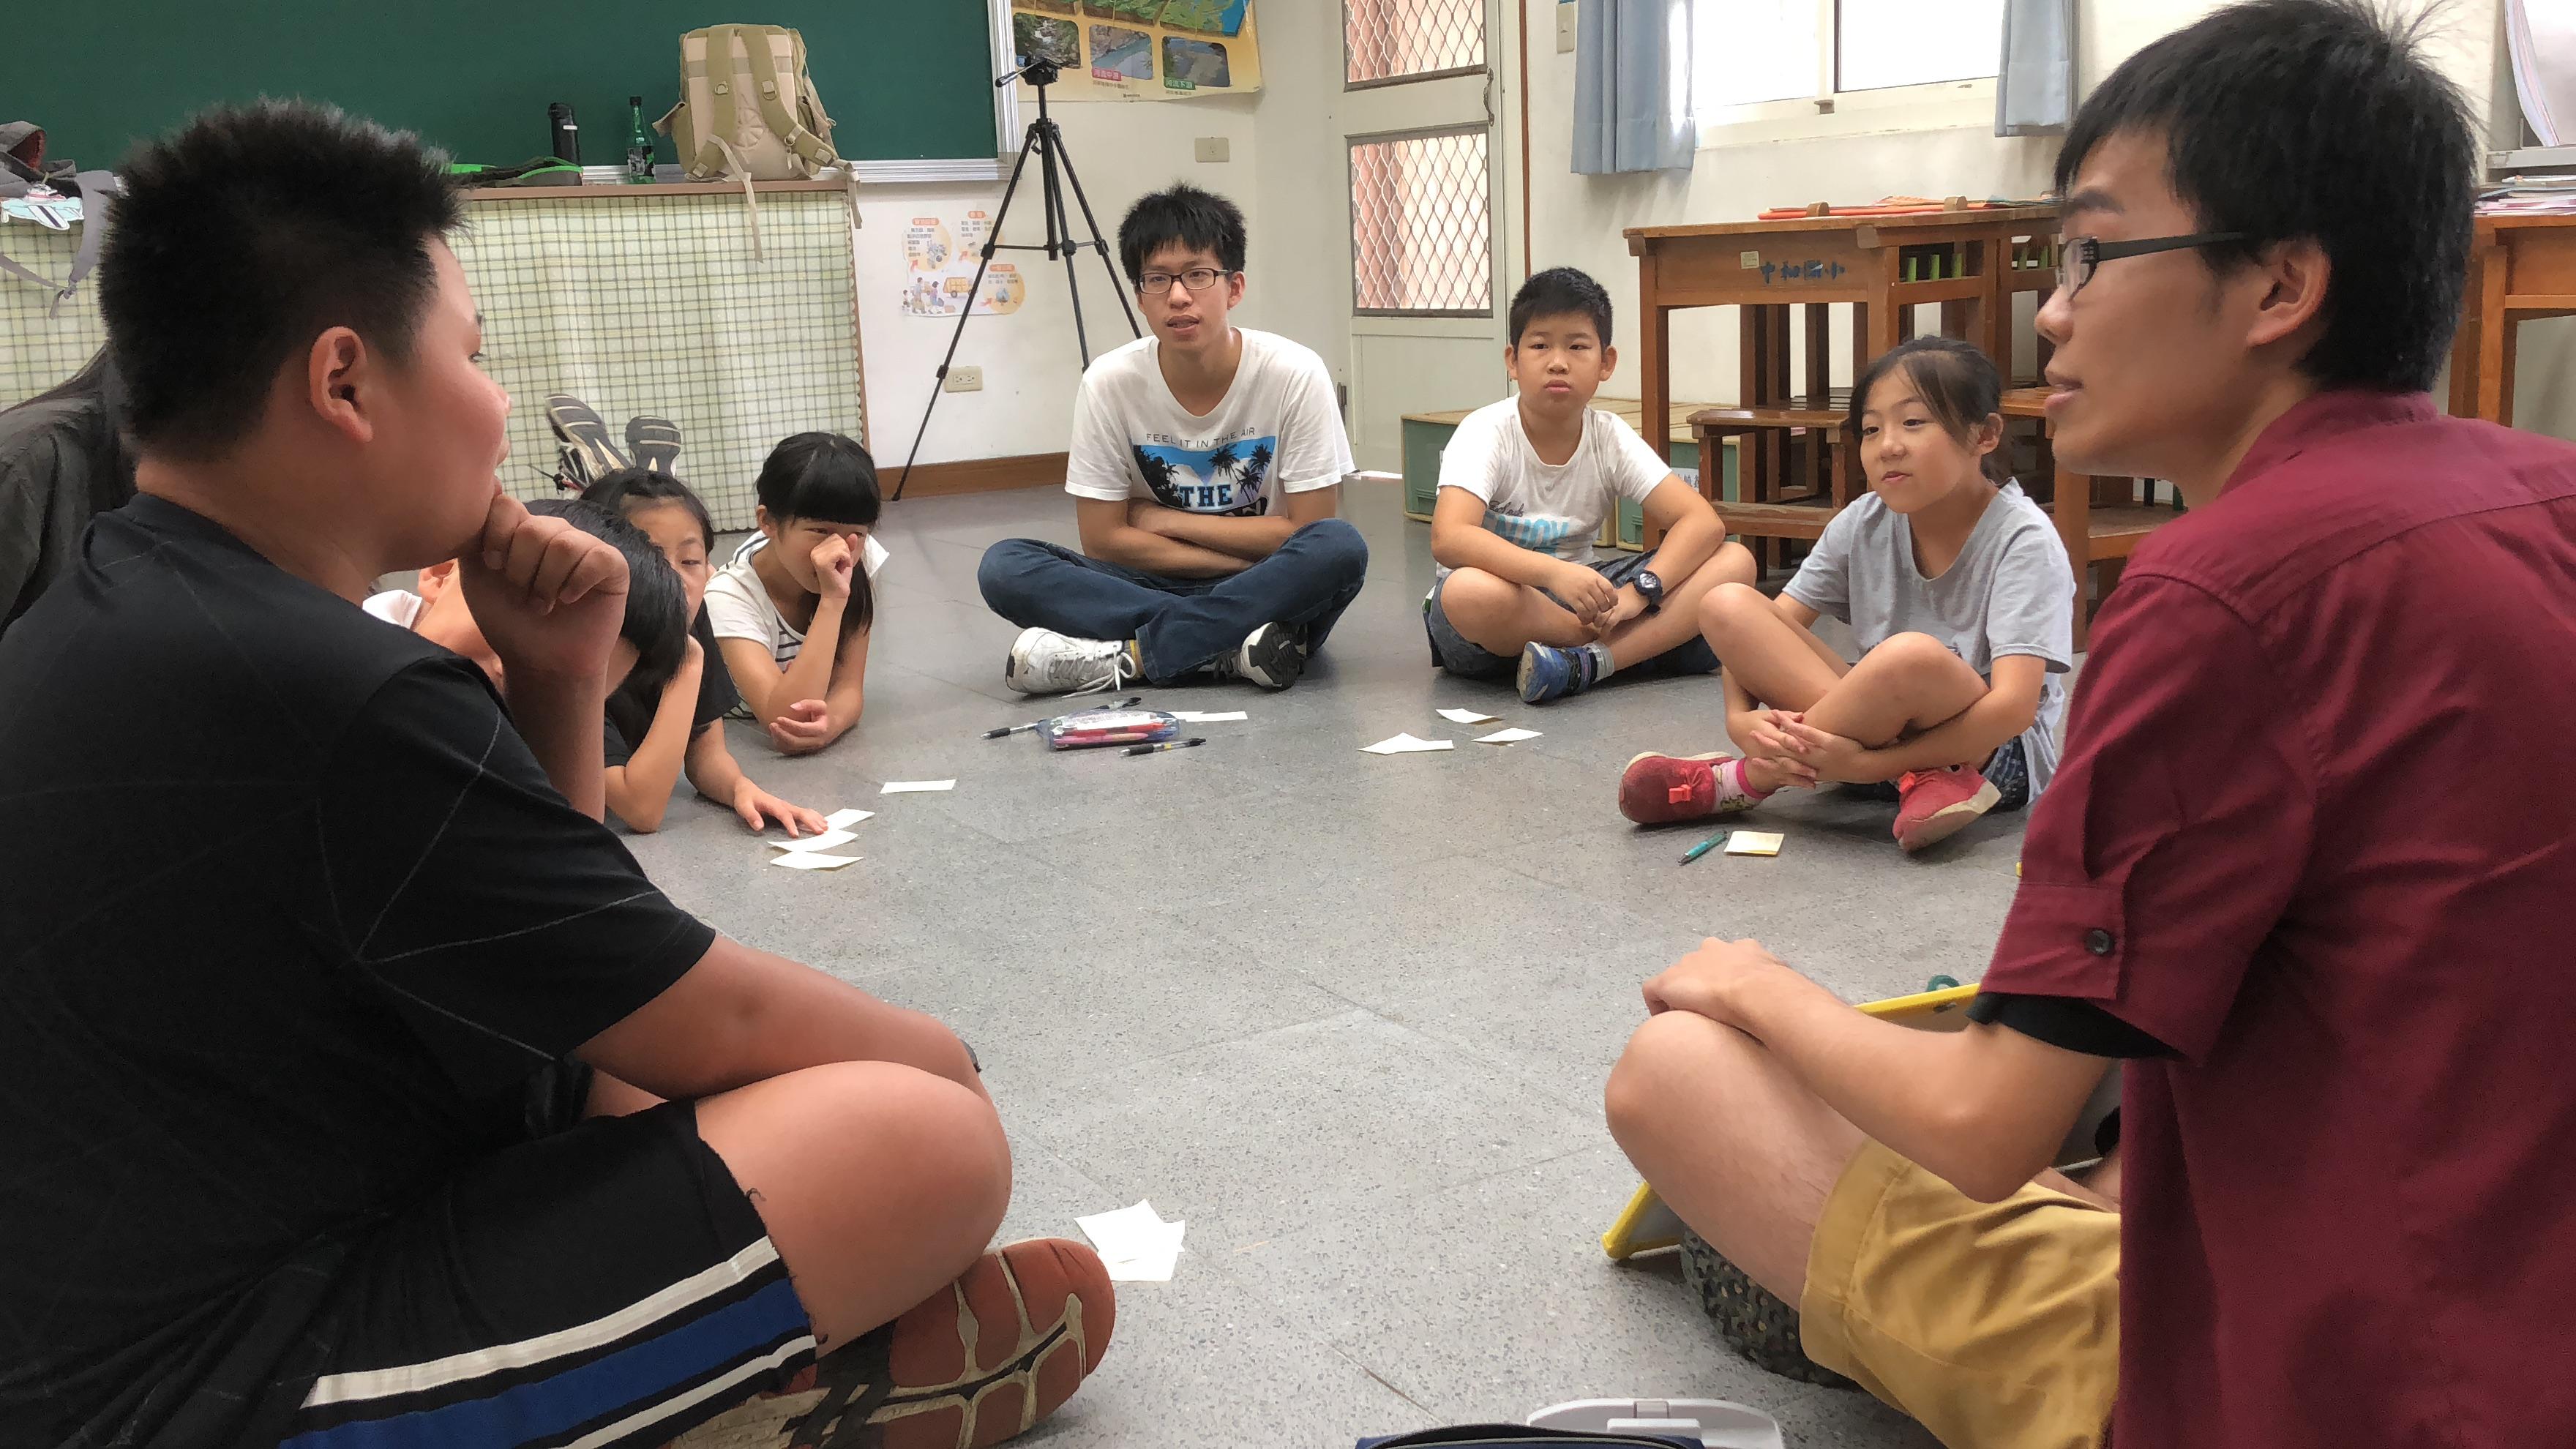 (圖五)課程中小朋友們專心參與討論,還會互相給予想法上的回饋。